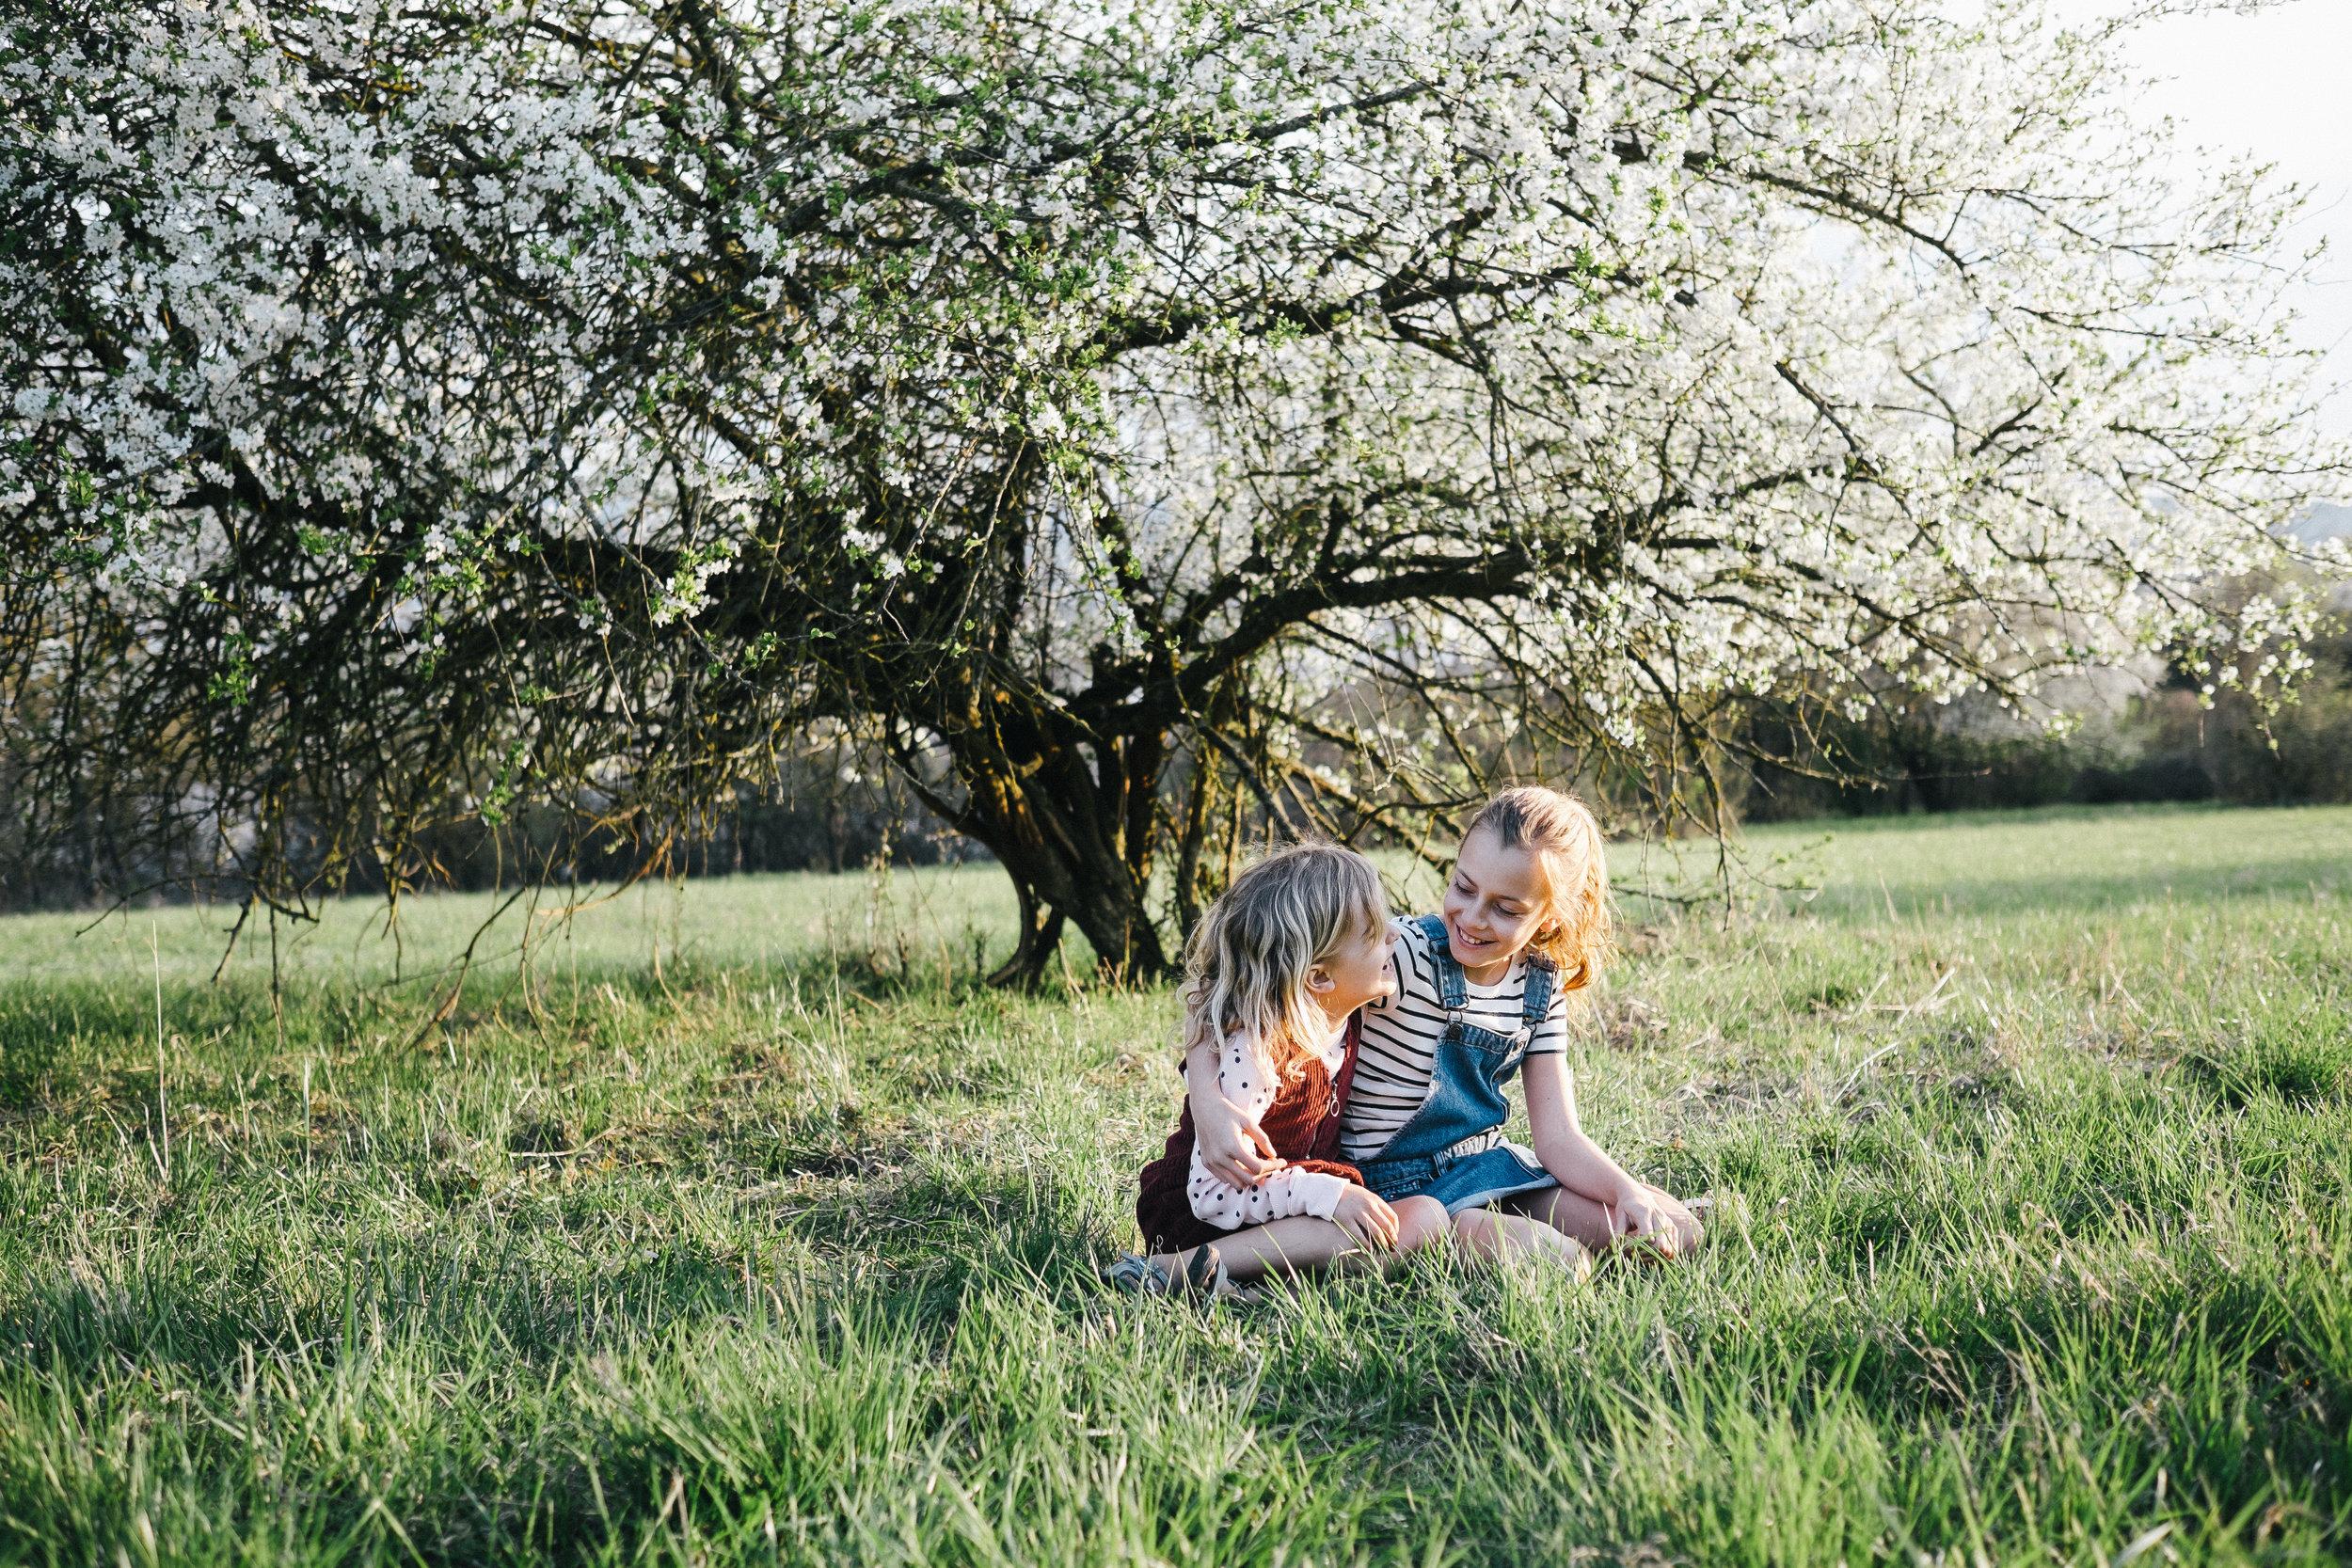 Streuobstwiese - Viola Mueller-Gerbes Photography-1.jpg